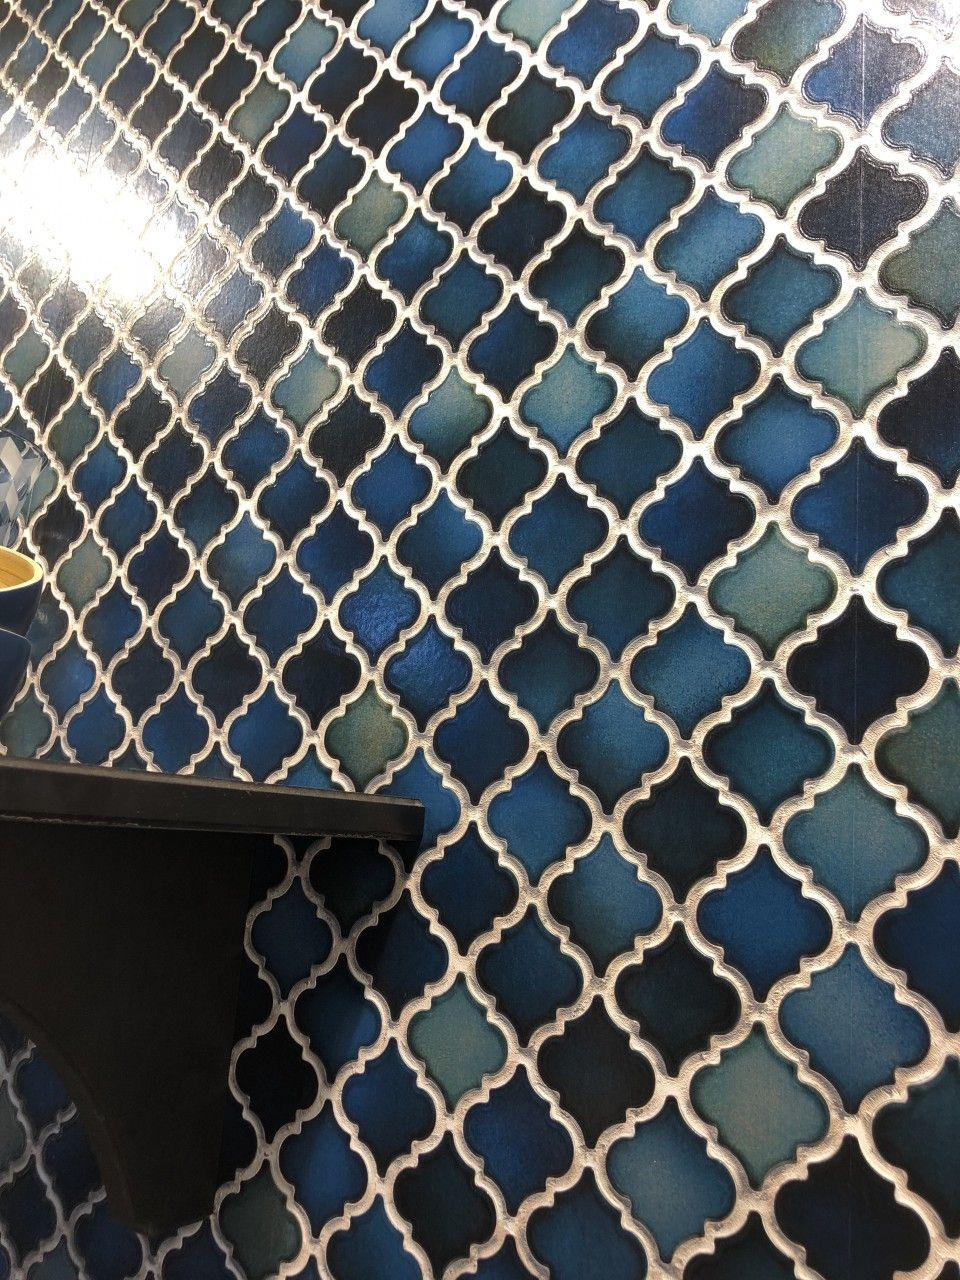 Vliestapete Keramik Mosaik Fliesen Florentiner Optik Petrol Blau - Florentiner fliesen